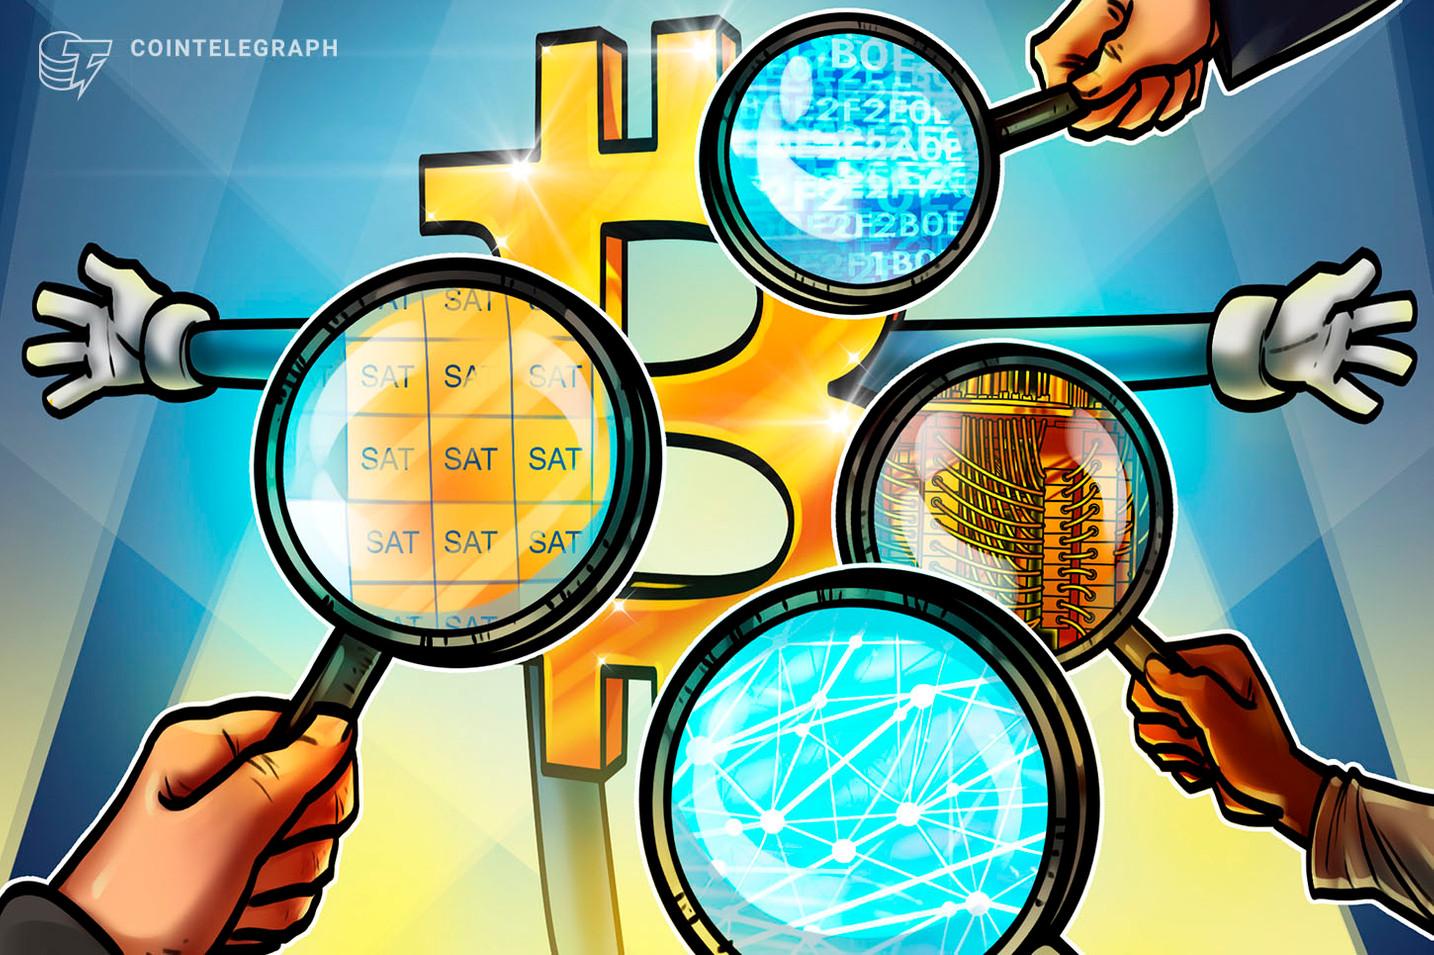 La mayor caída de la dificultad de la minería la historia de BTC: 5 cosas a tener en cuenta sobre Bitcoin esta semana